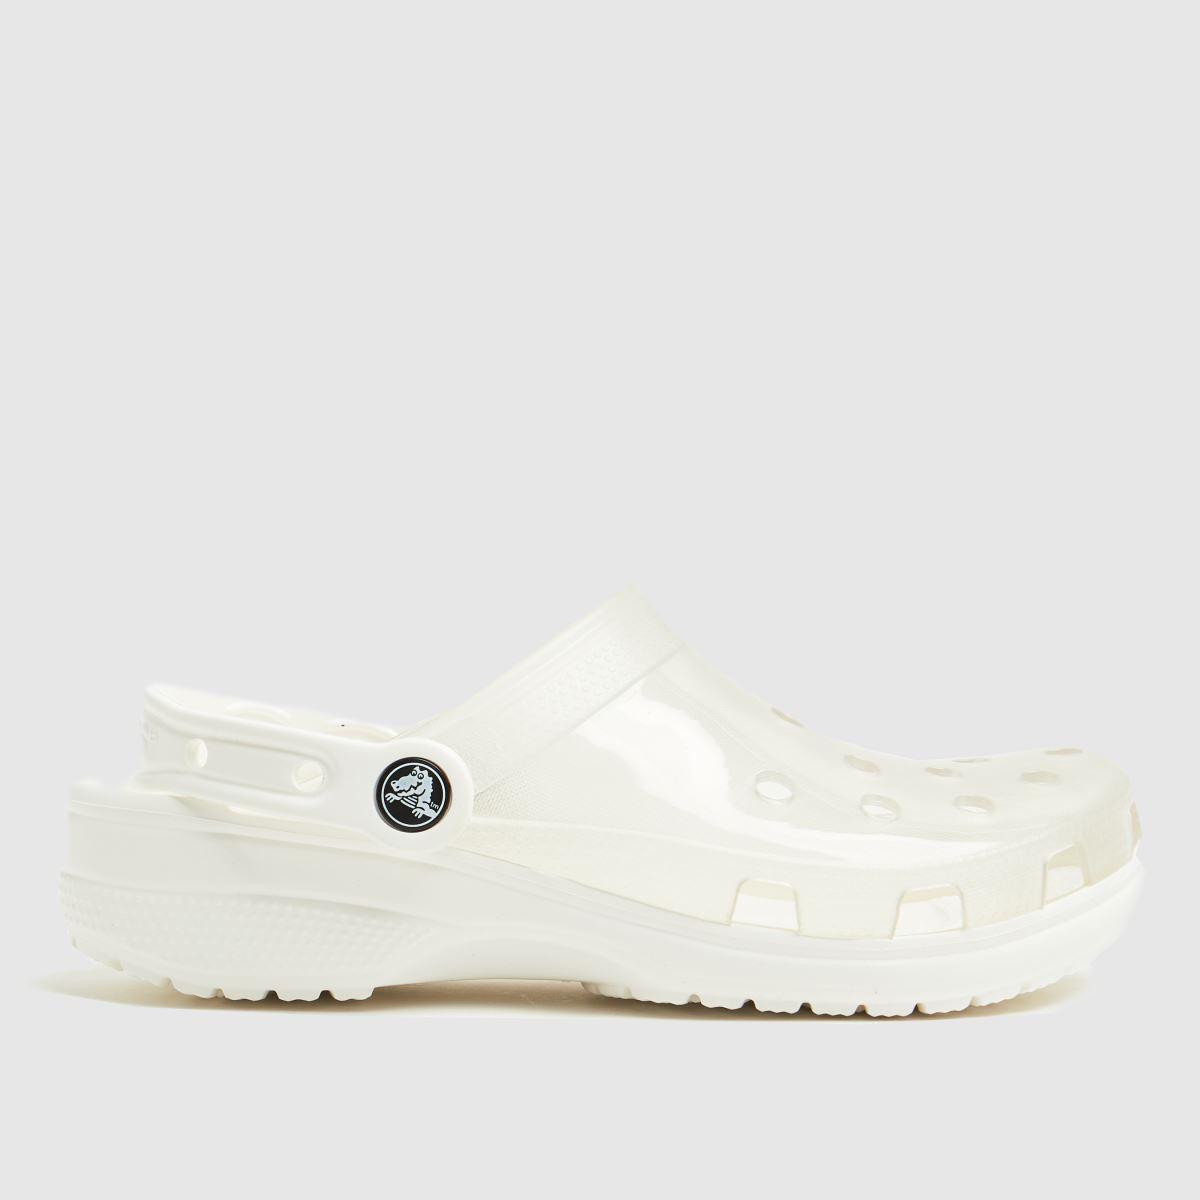 Crocs White Classic Translucent Clog Sandals